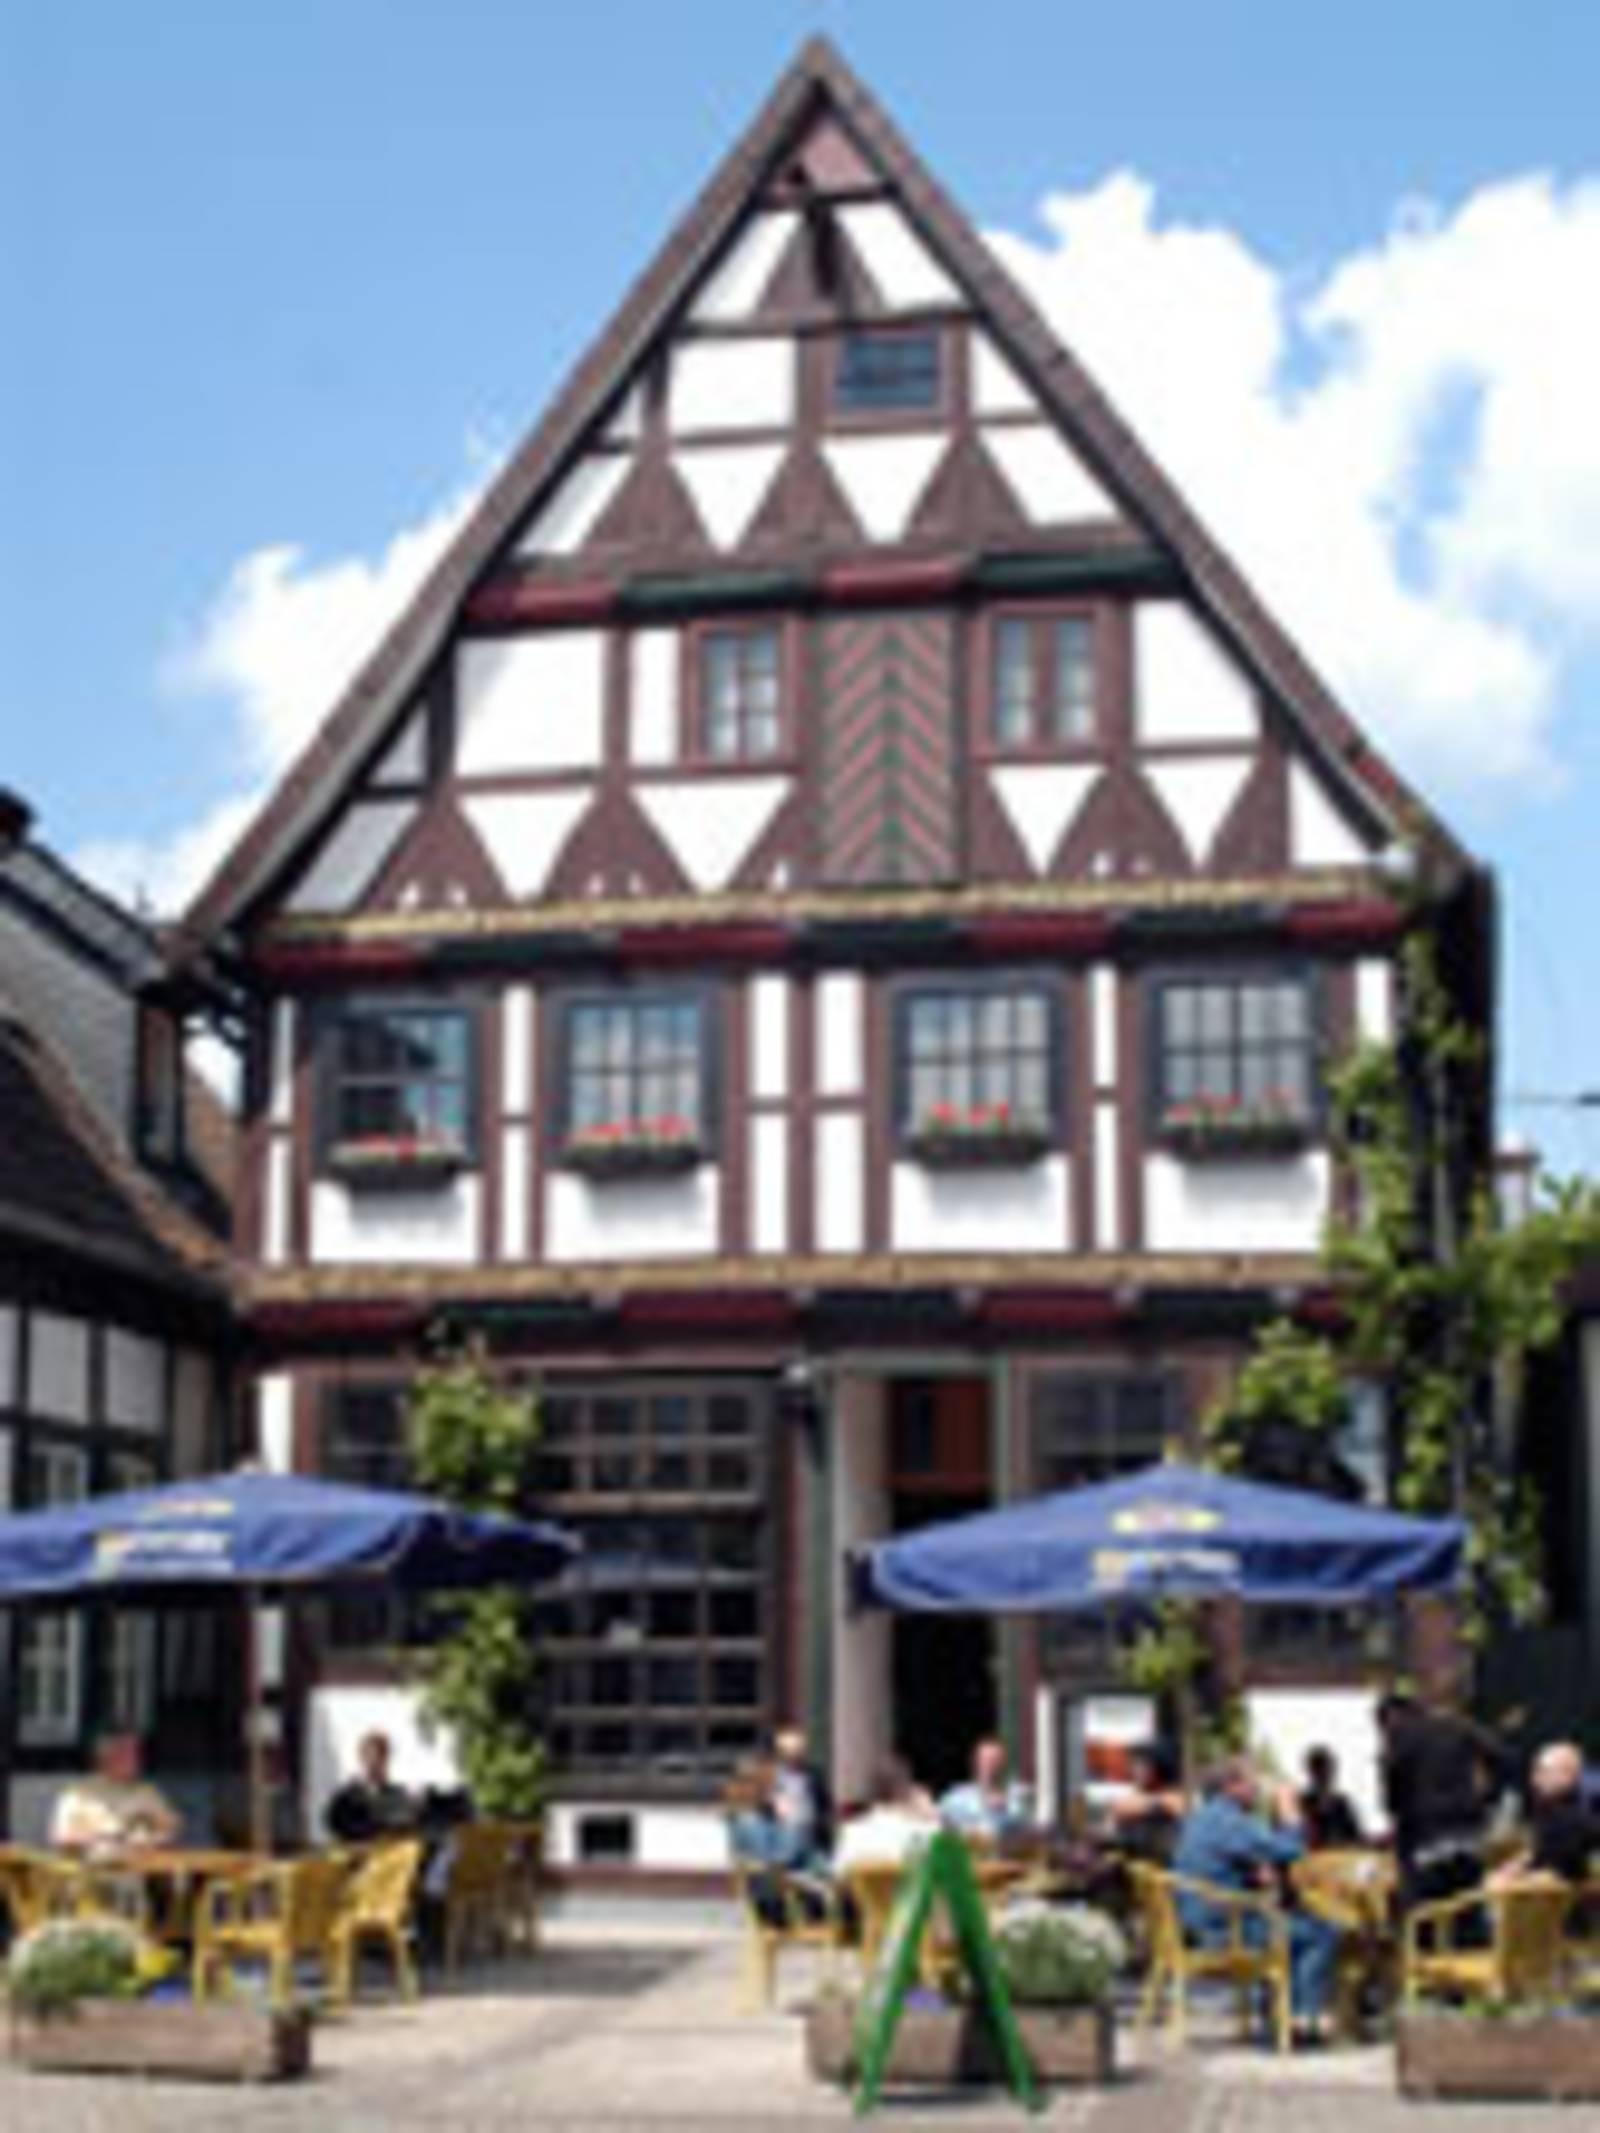 Schmales Fachwerkhaus mit braunen Fenstern. Vor dem Haus sitzen Menschen unter blauen Sonnenschirmen.